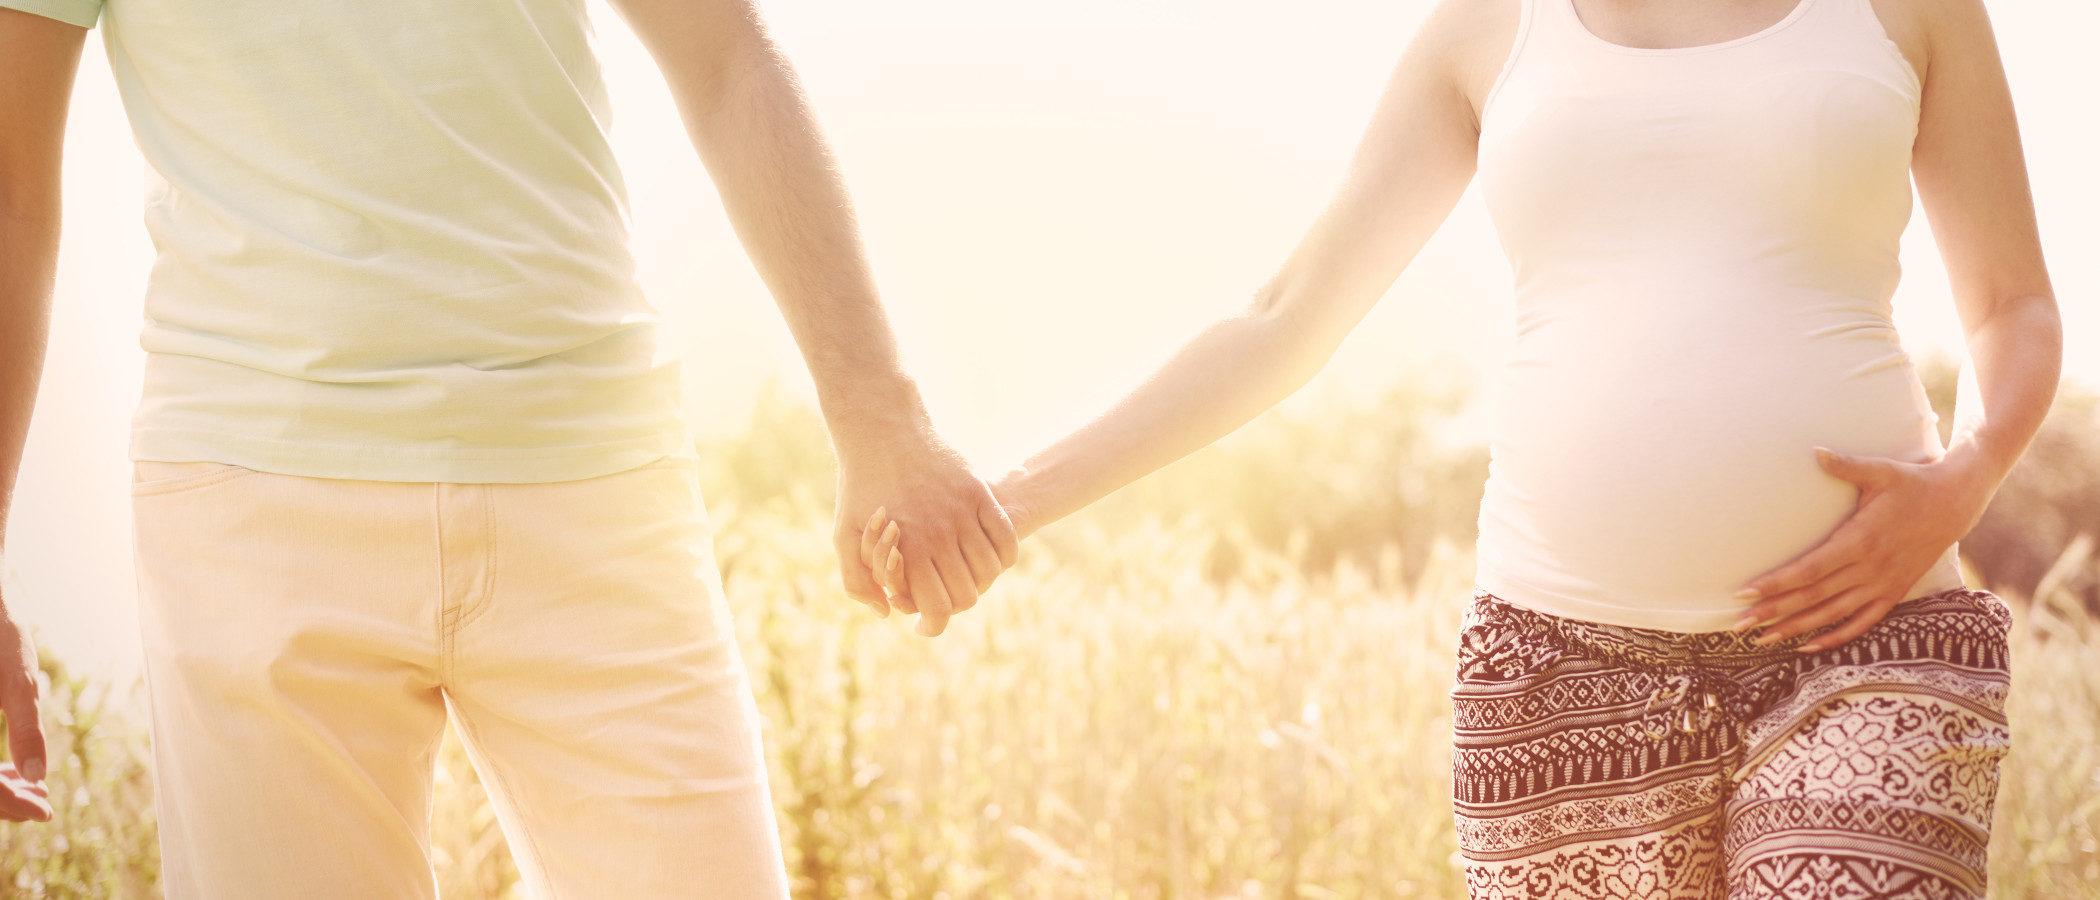 Los beneficios de caminar durante el embarazo